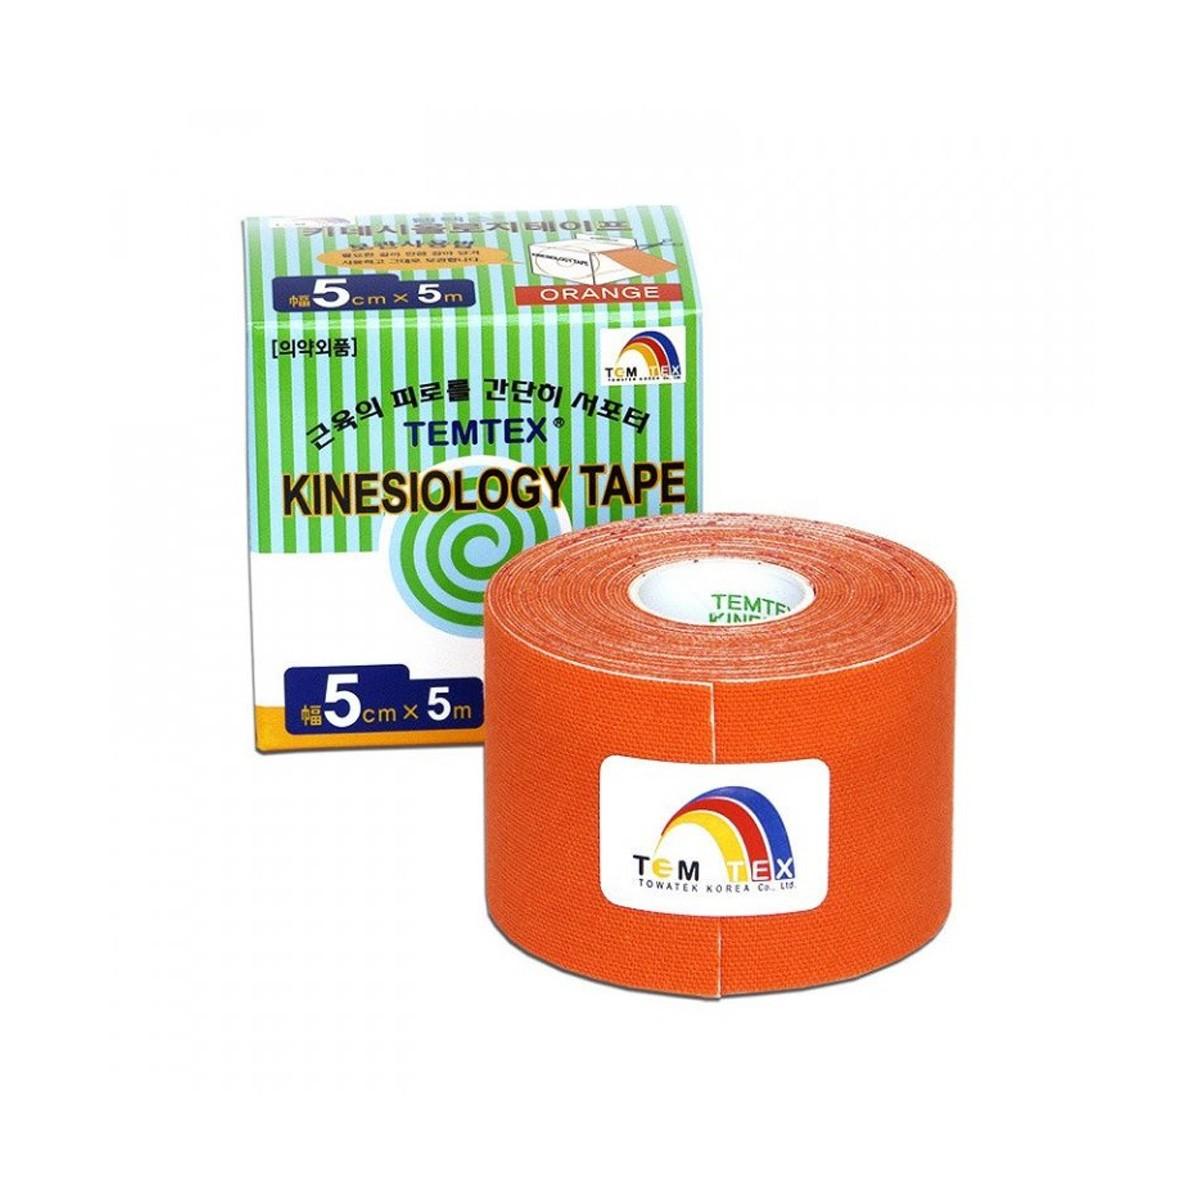 Tejp. TEMTEX kinesio tape oranžová 5cmx5m + Kupte 2 libovolné tejpy Temtex a získejte 2M posilovací gumu